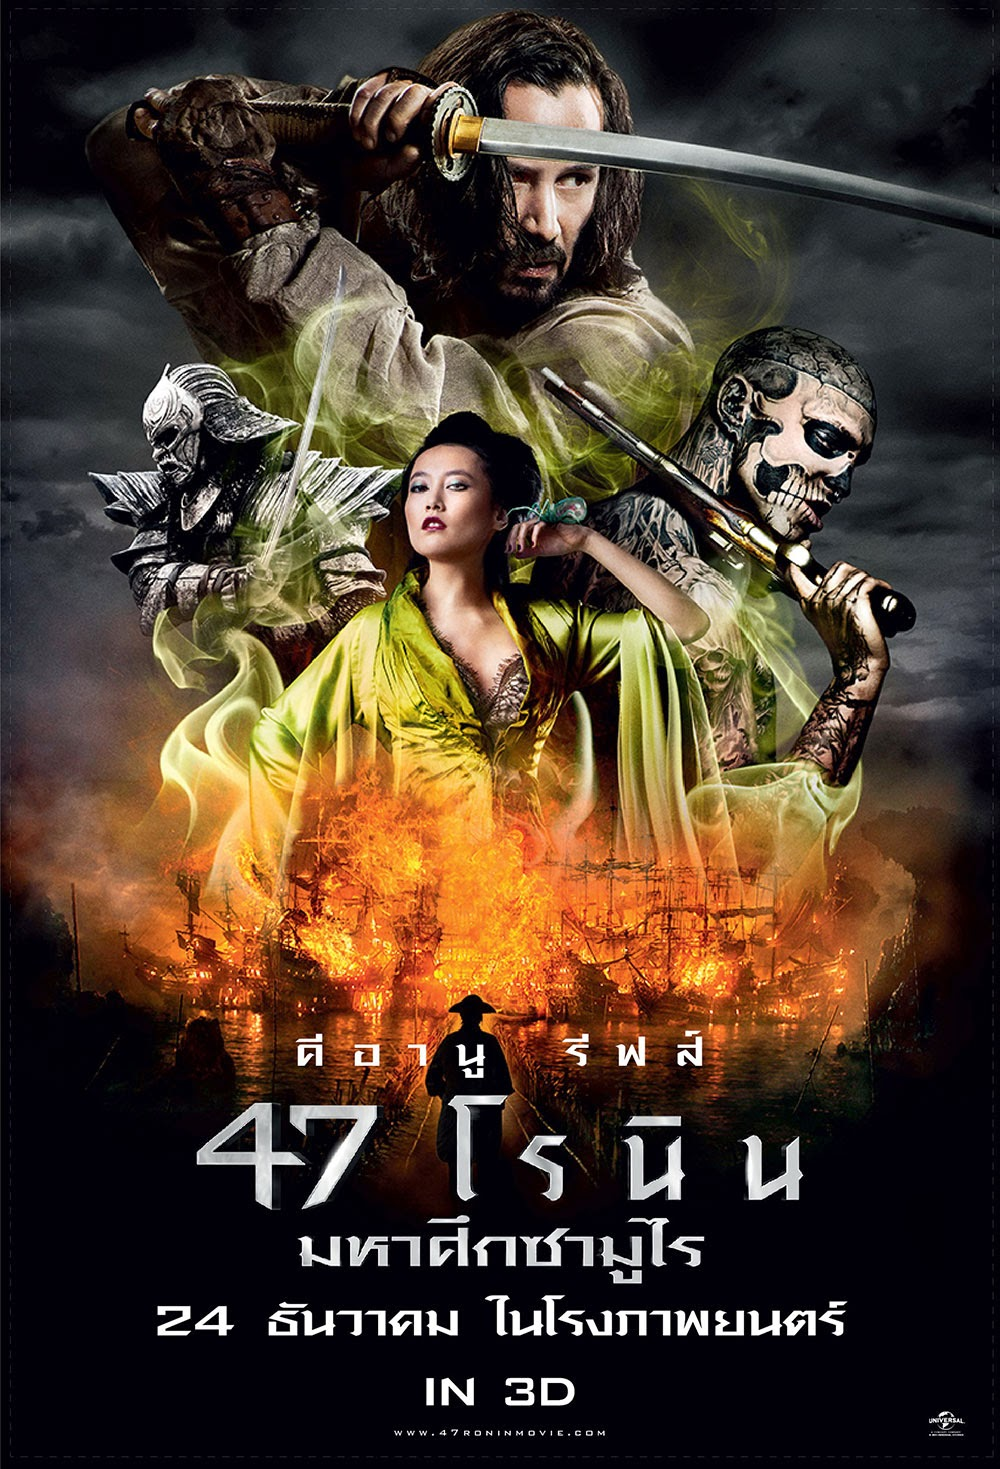 47 Ronin (2013) : 47 โรนิน มหาศึกซามูไร Full HD พากย์ไทย